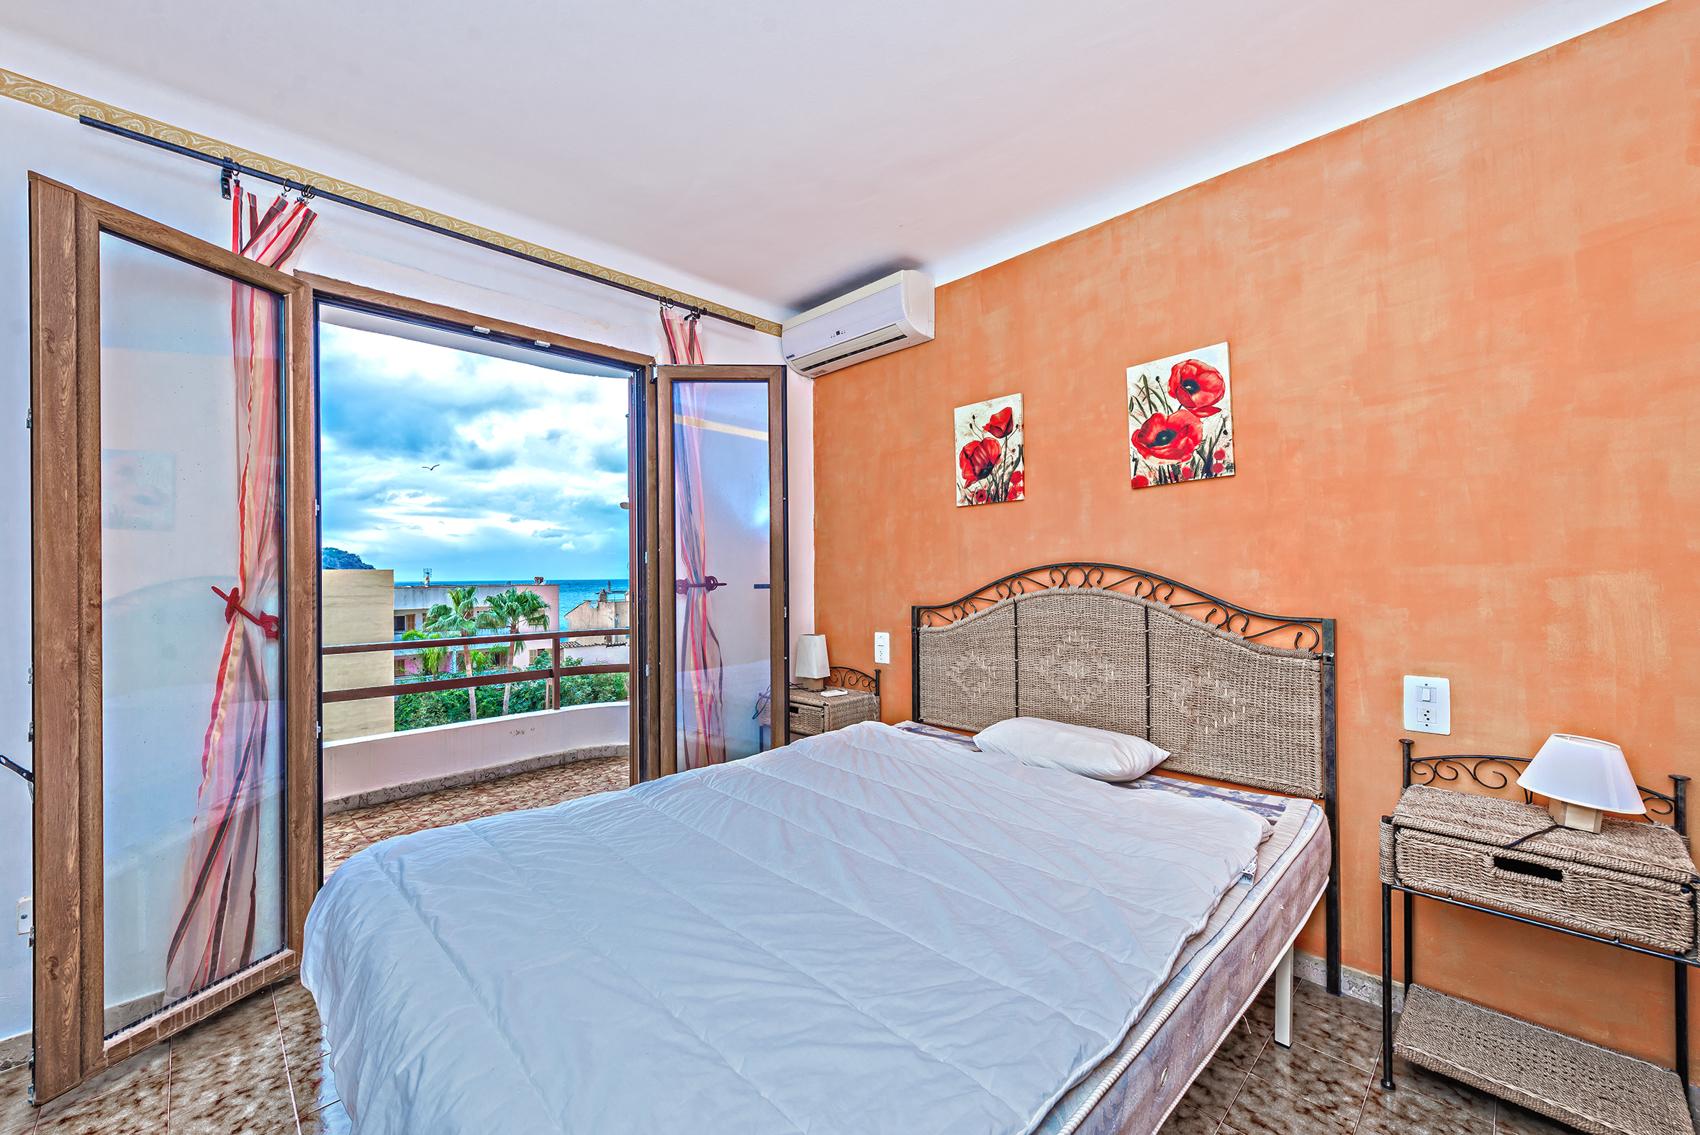 Schlafzimmer mit Meerblick und Balkon in Port Andratx